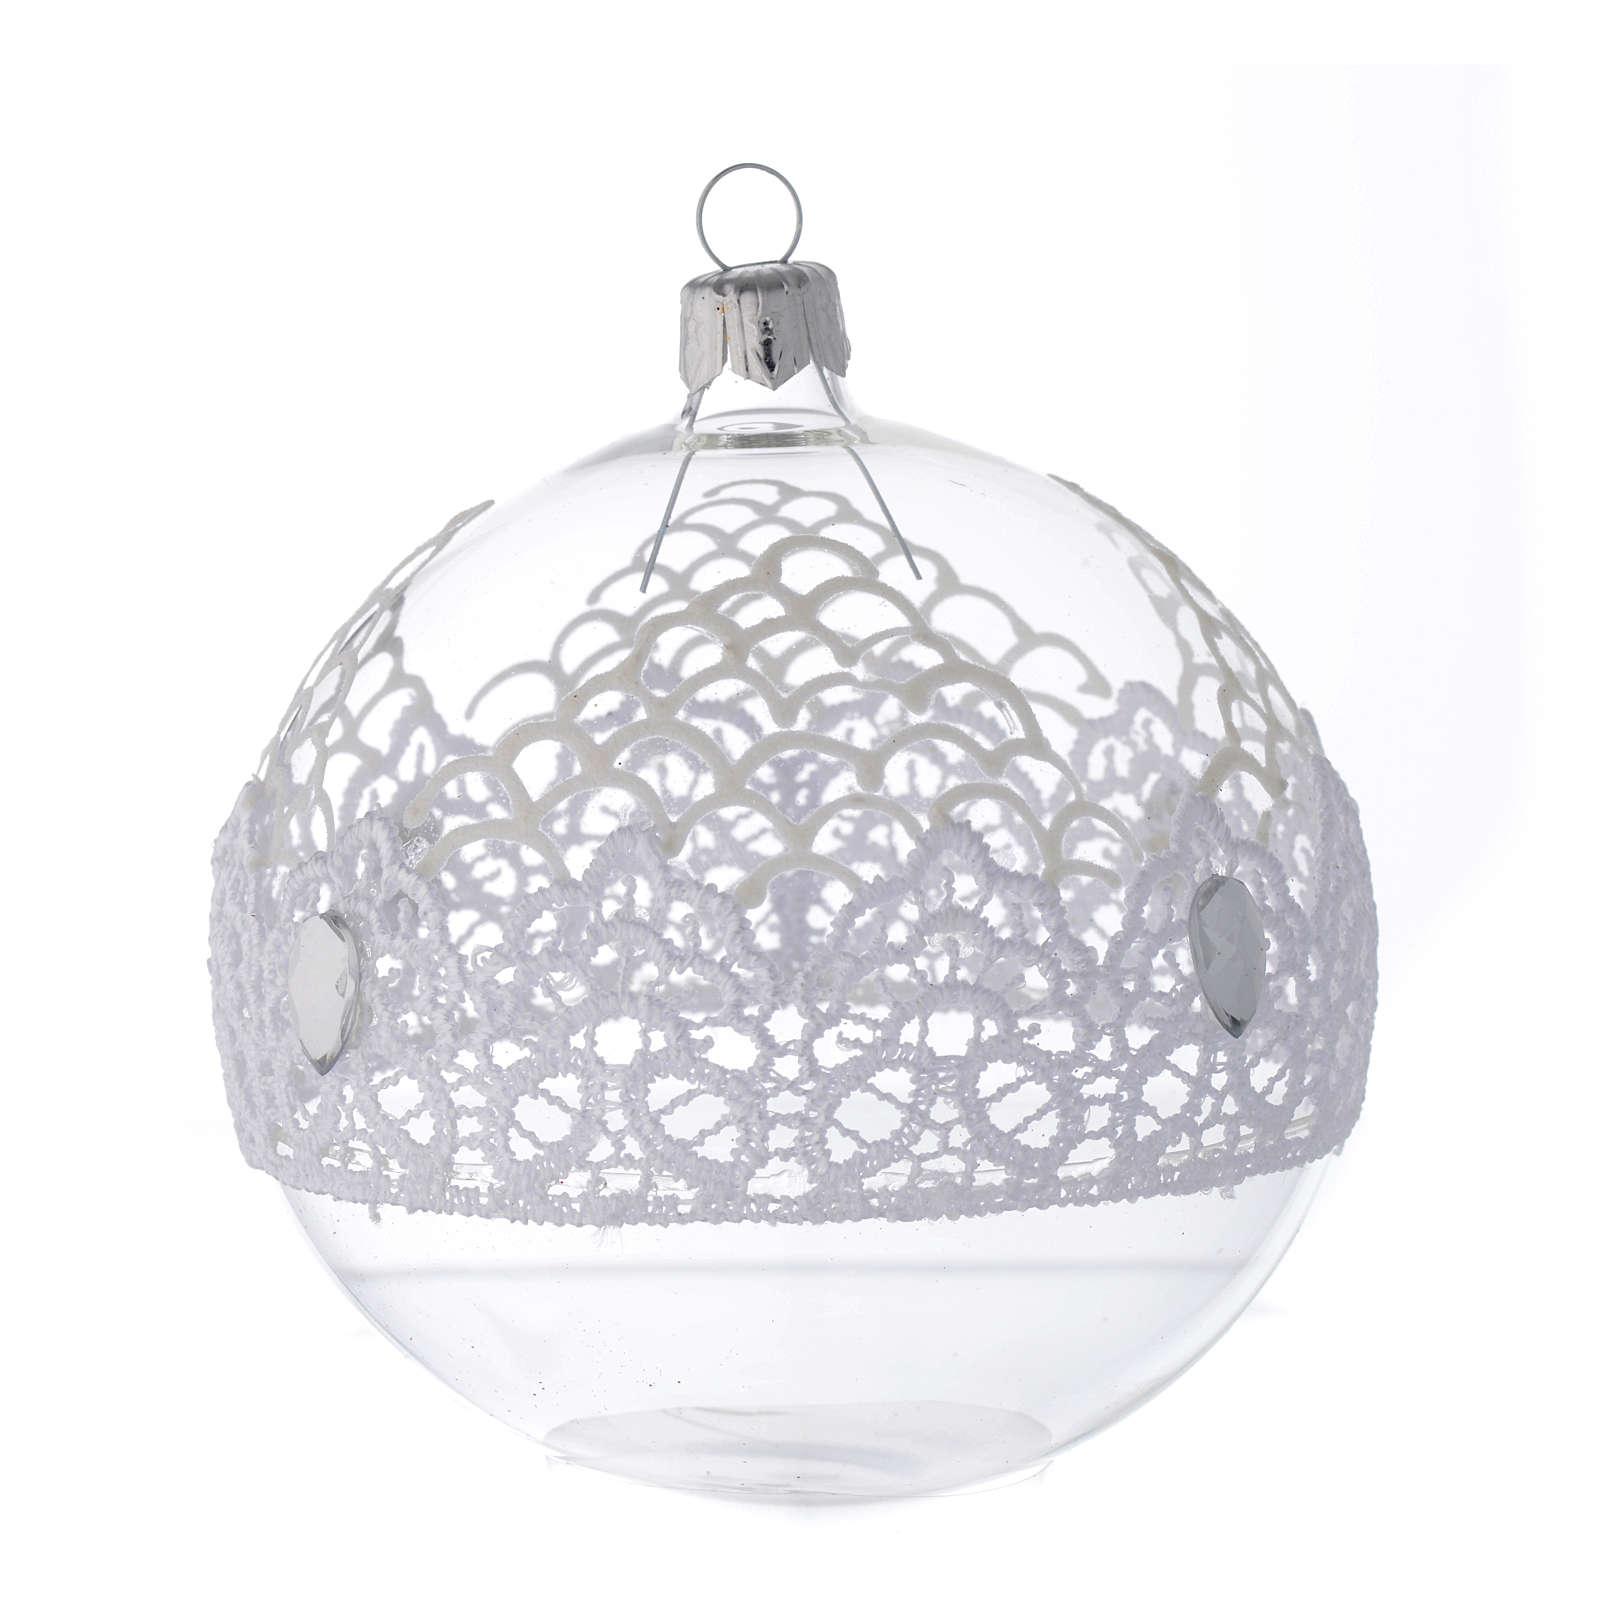 Bombka bożonarodzeniowa  szkło dmuchane dekoracje koronkowe 100mm 4